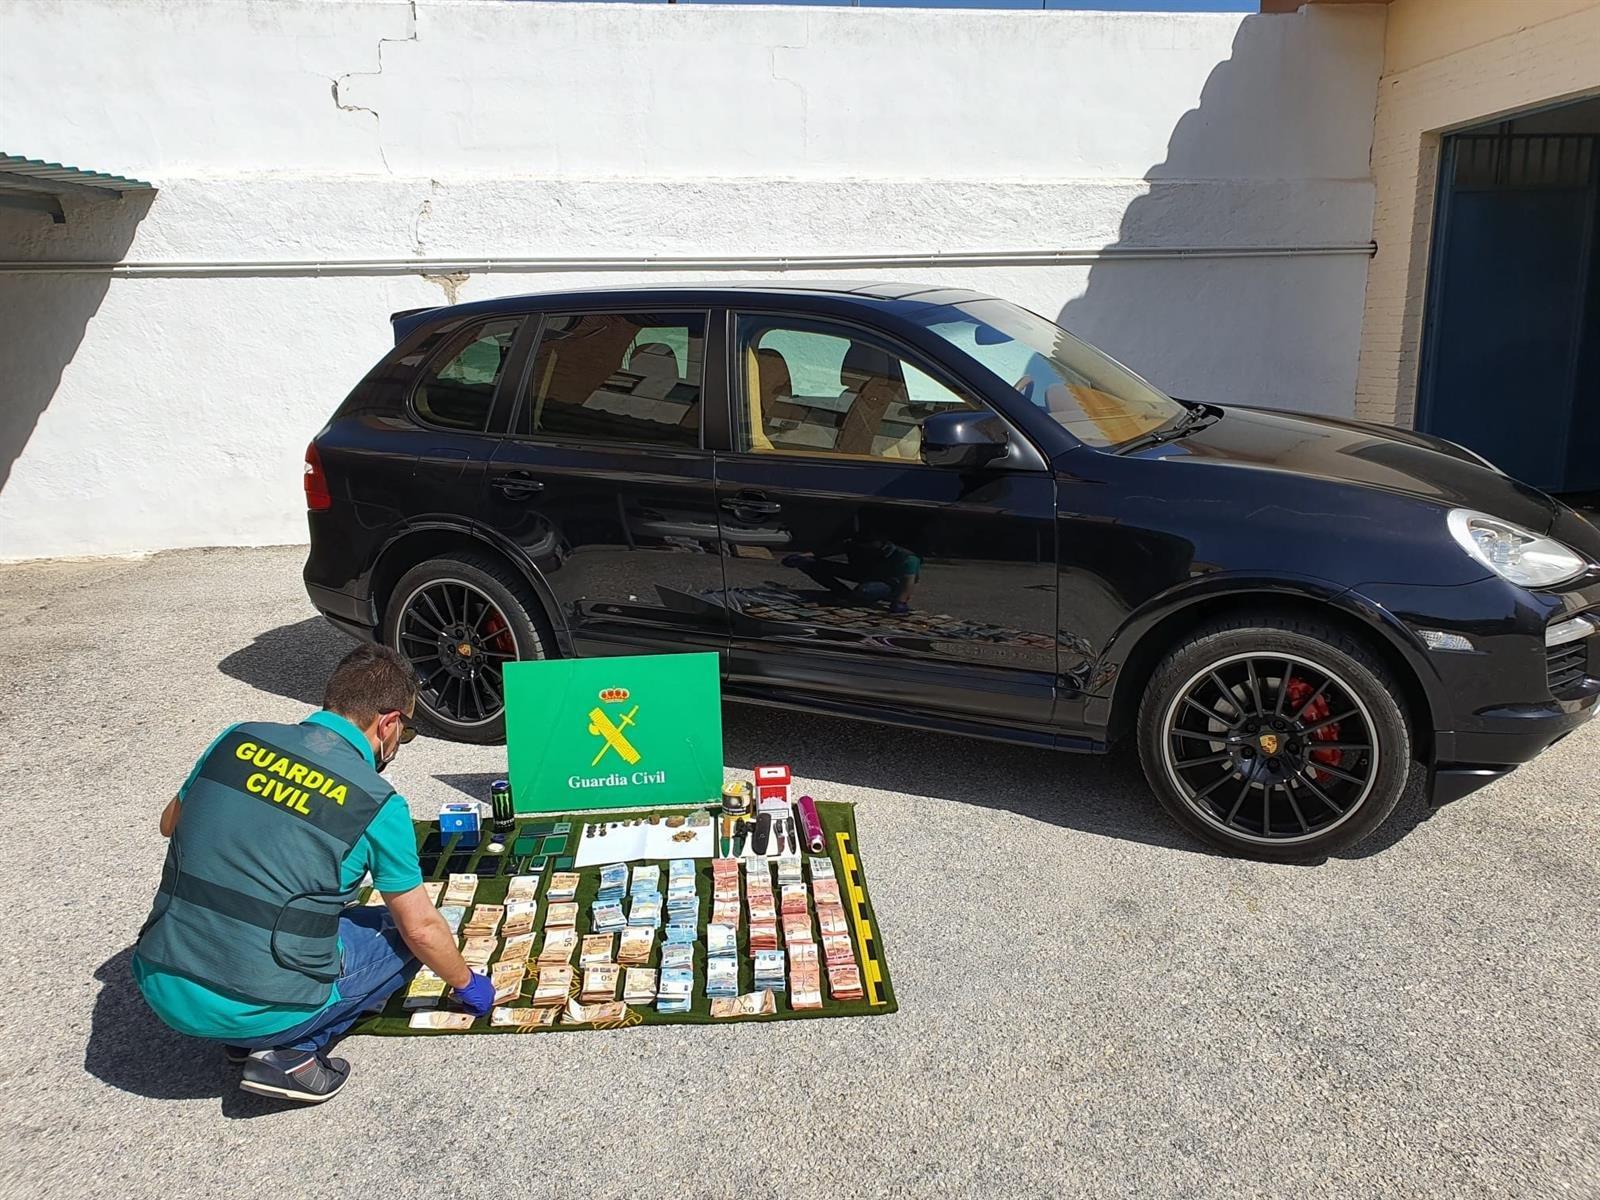 Encuentran 1.268 dosis de hachís y 67.450 euros en metálico durante un registro en Albolote